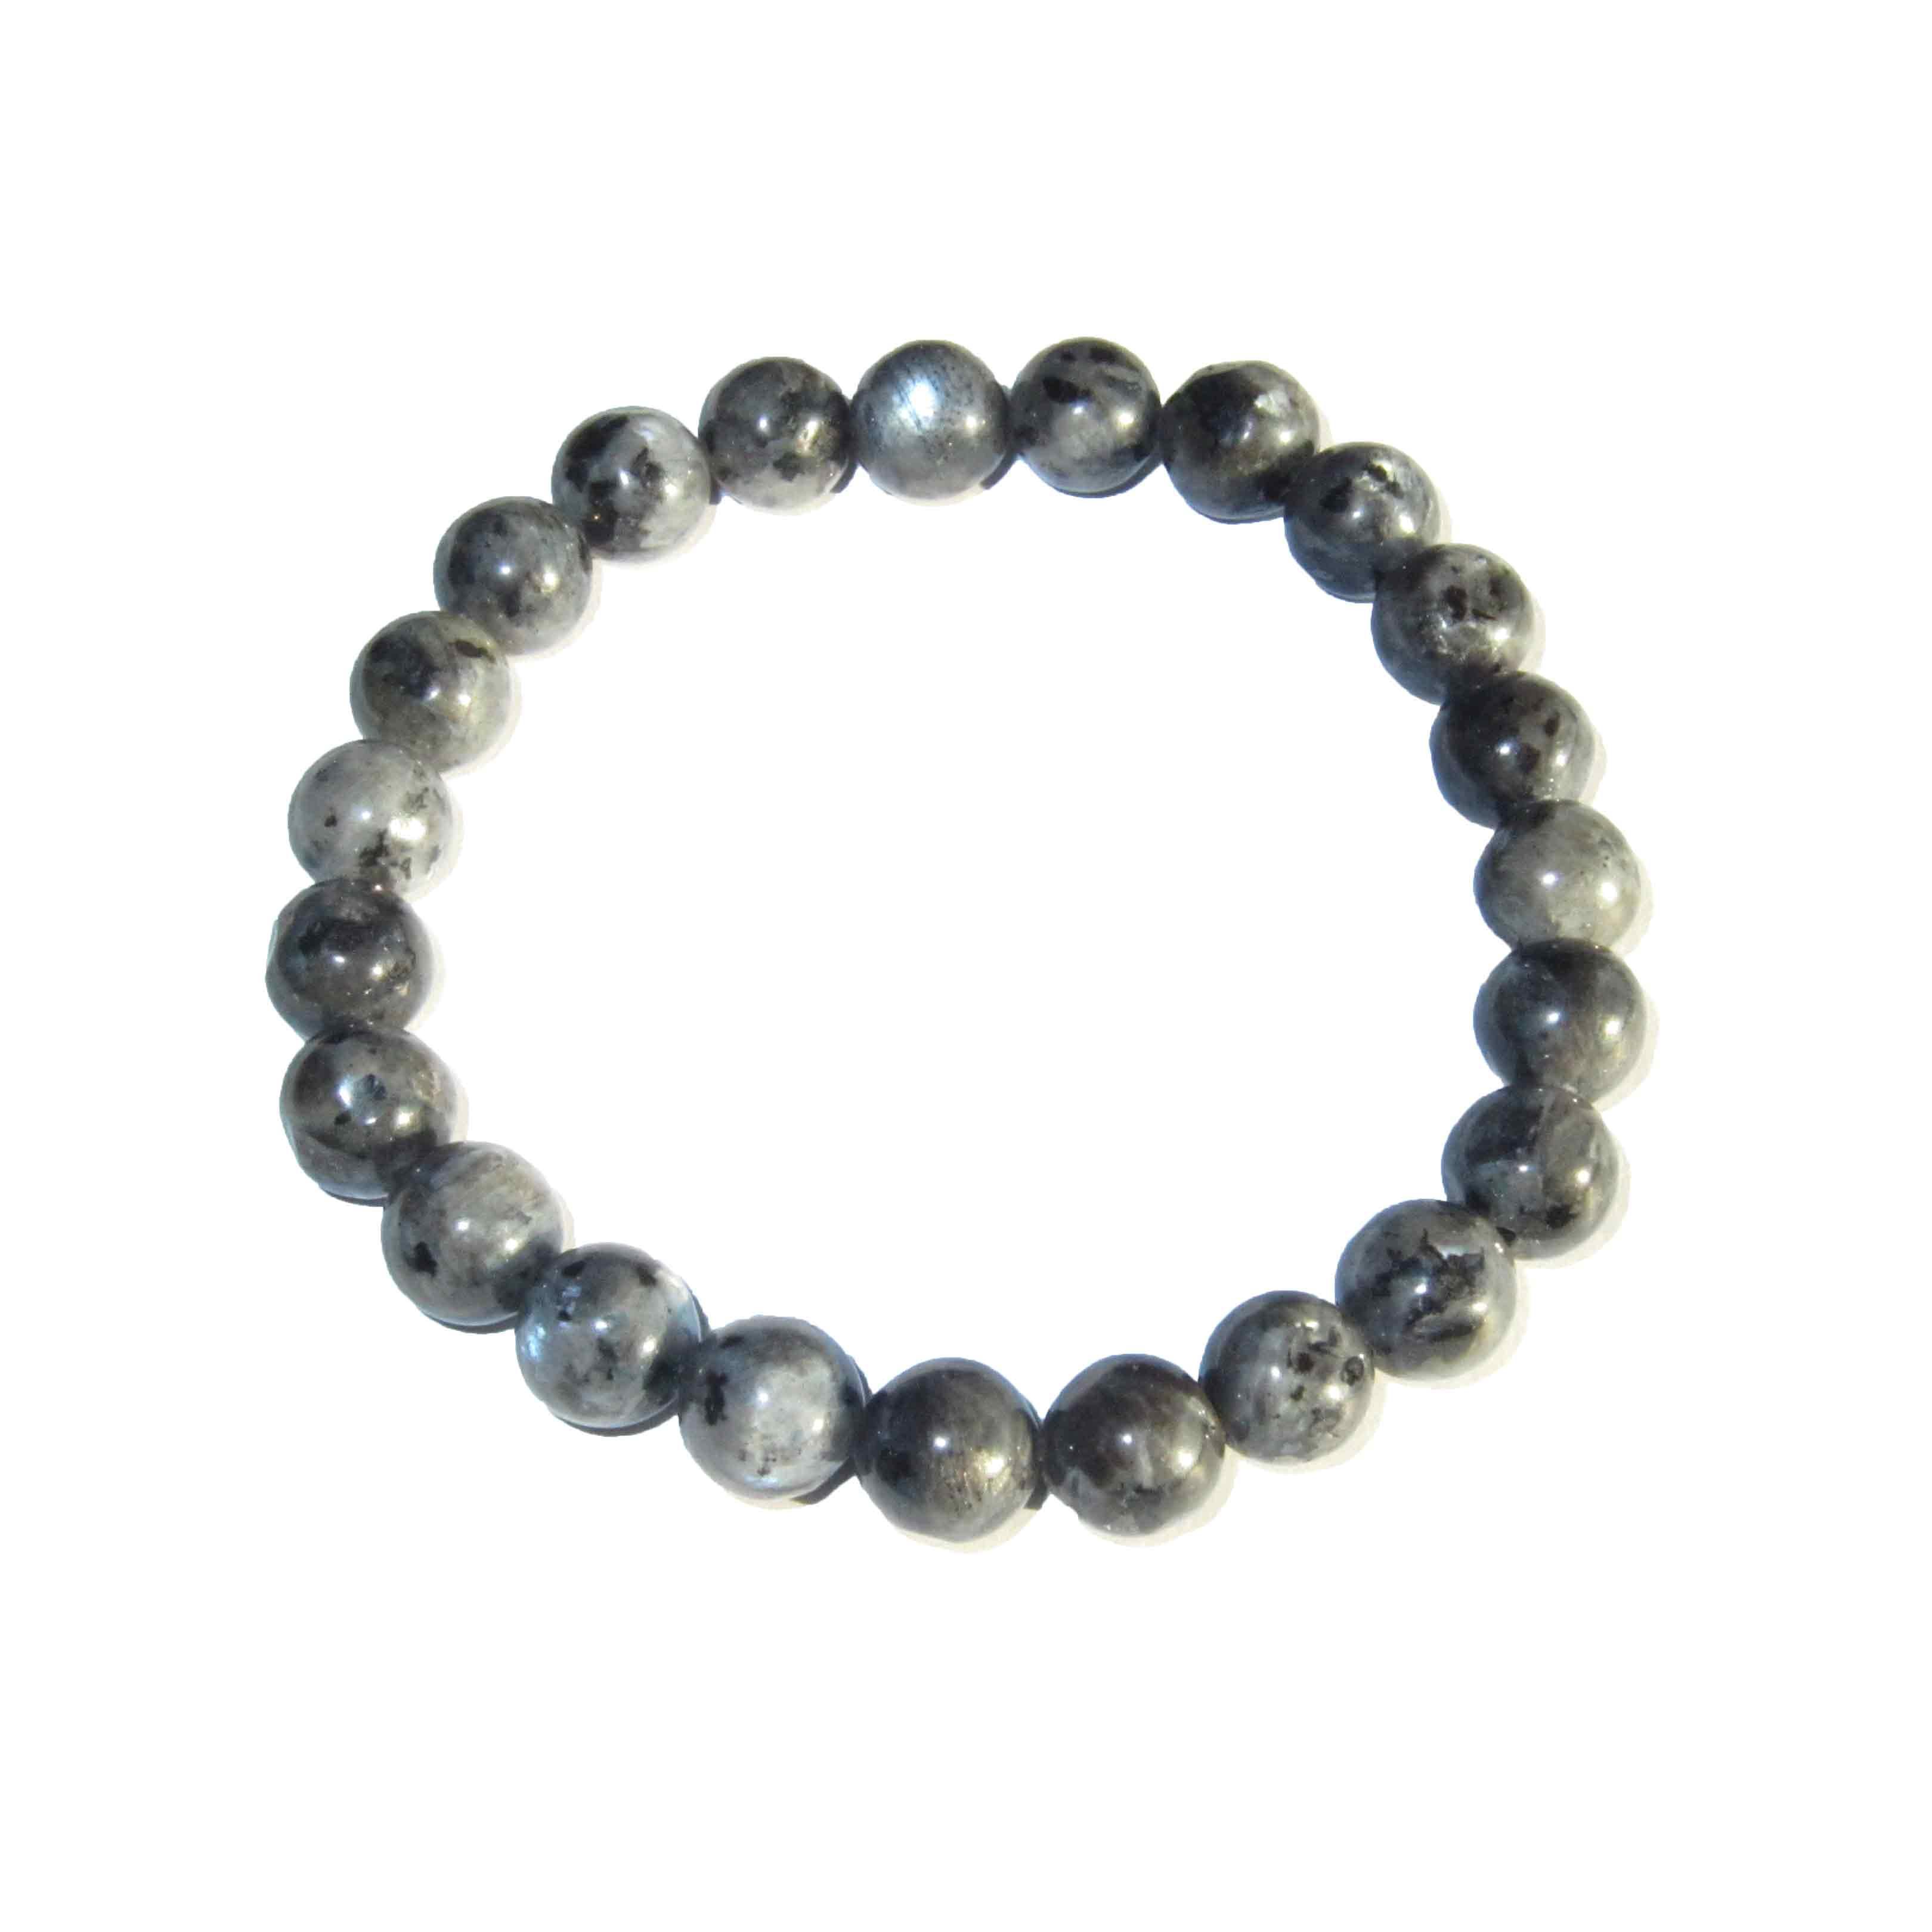 bracelet-labradorite-avec-inclusions-pierres-boules-8mm-1